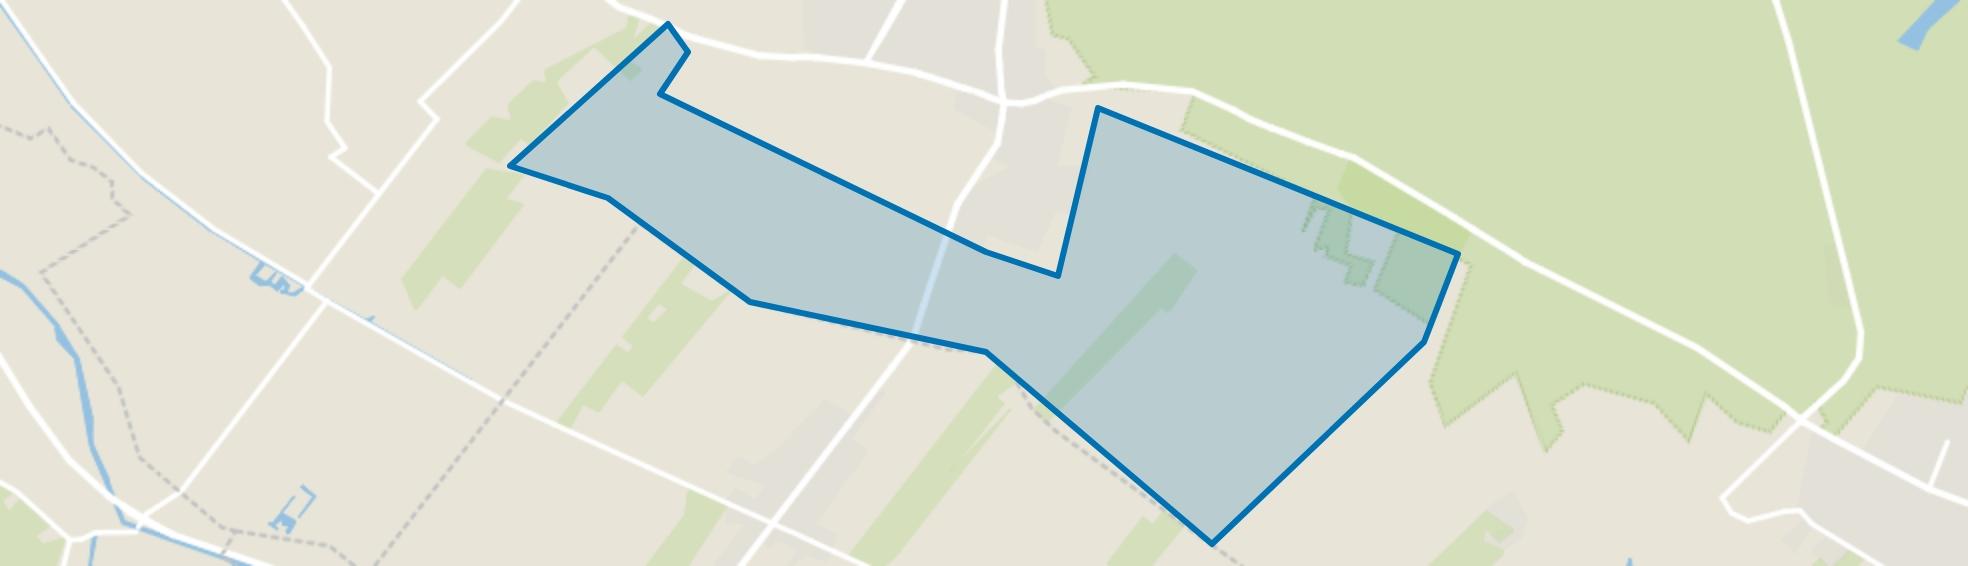 Verspreide huizen in het Lage Land, Doorn map